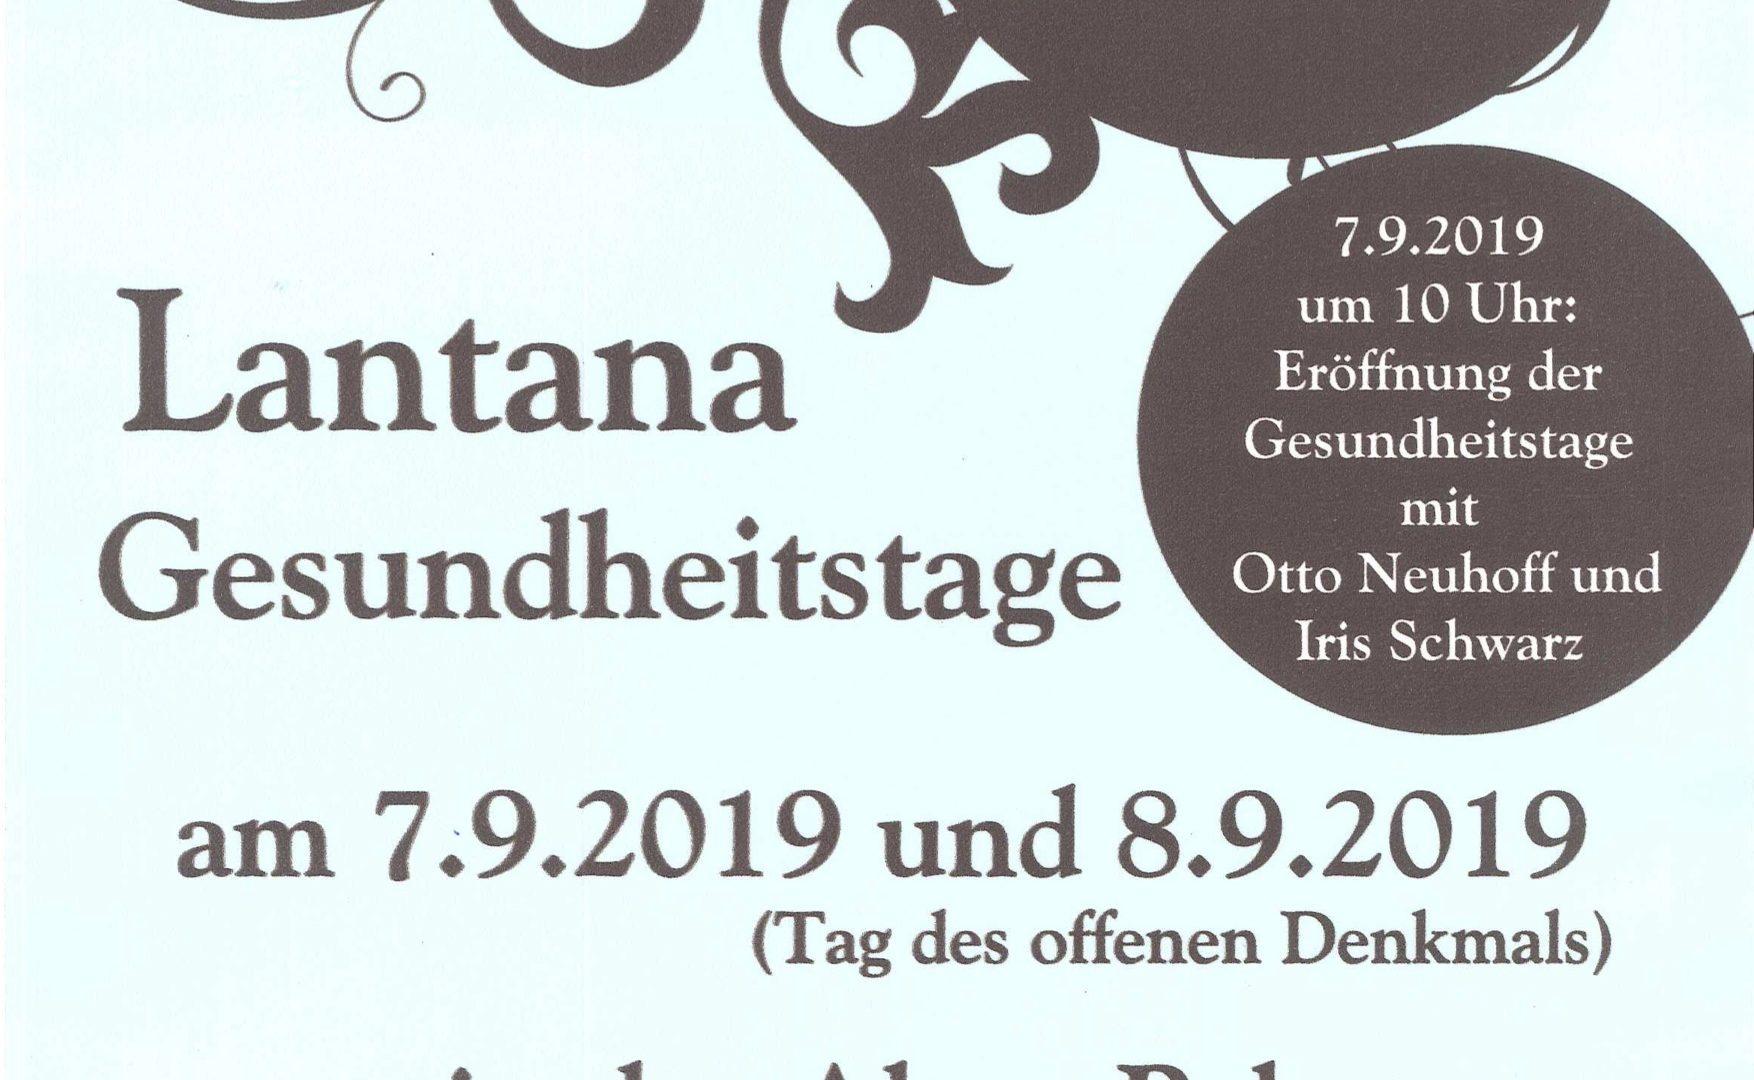 Unser Vortrags- und Workshopprogramm am Samstag, den 7.9.2019